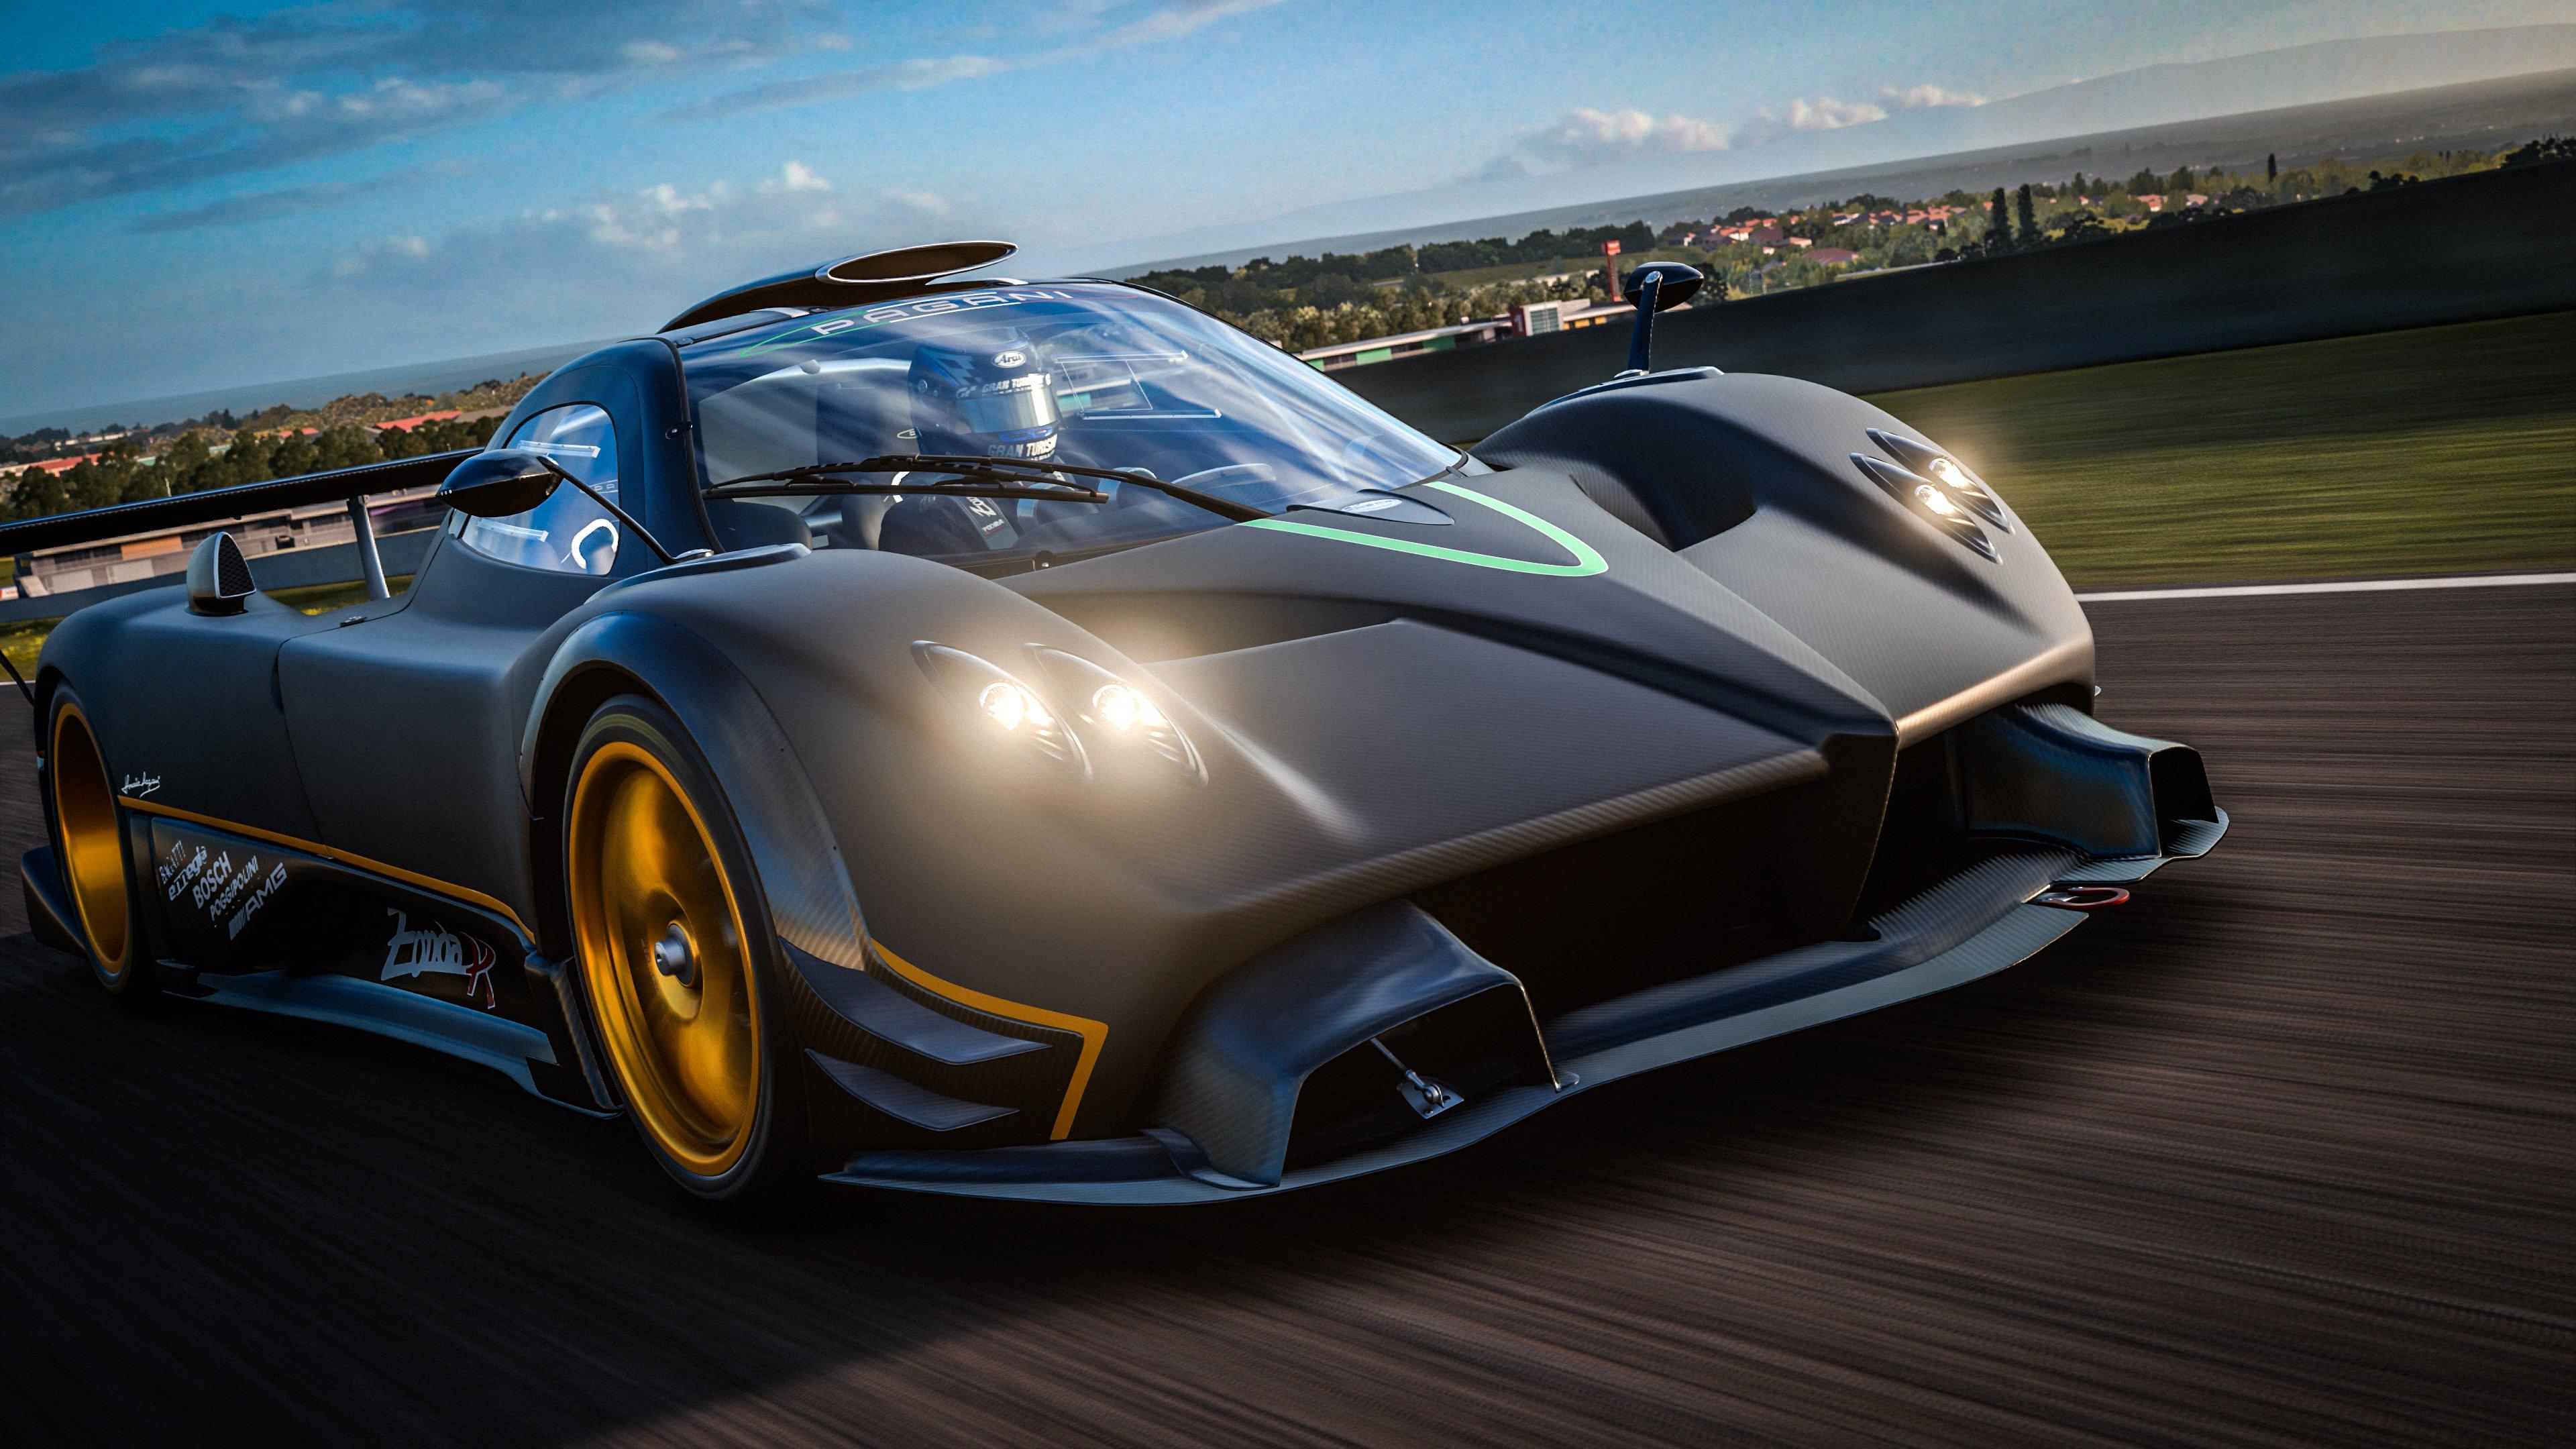 گفتههای سازندگان در مورد نسخهی بعدی سری Gran Turismo